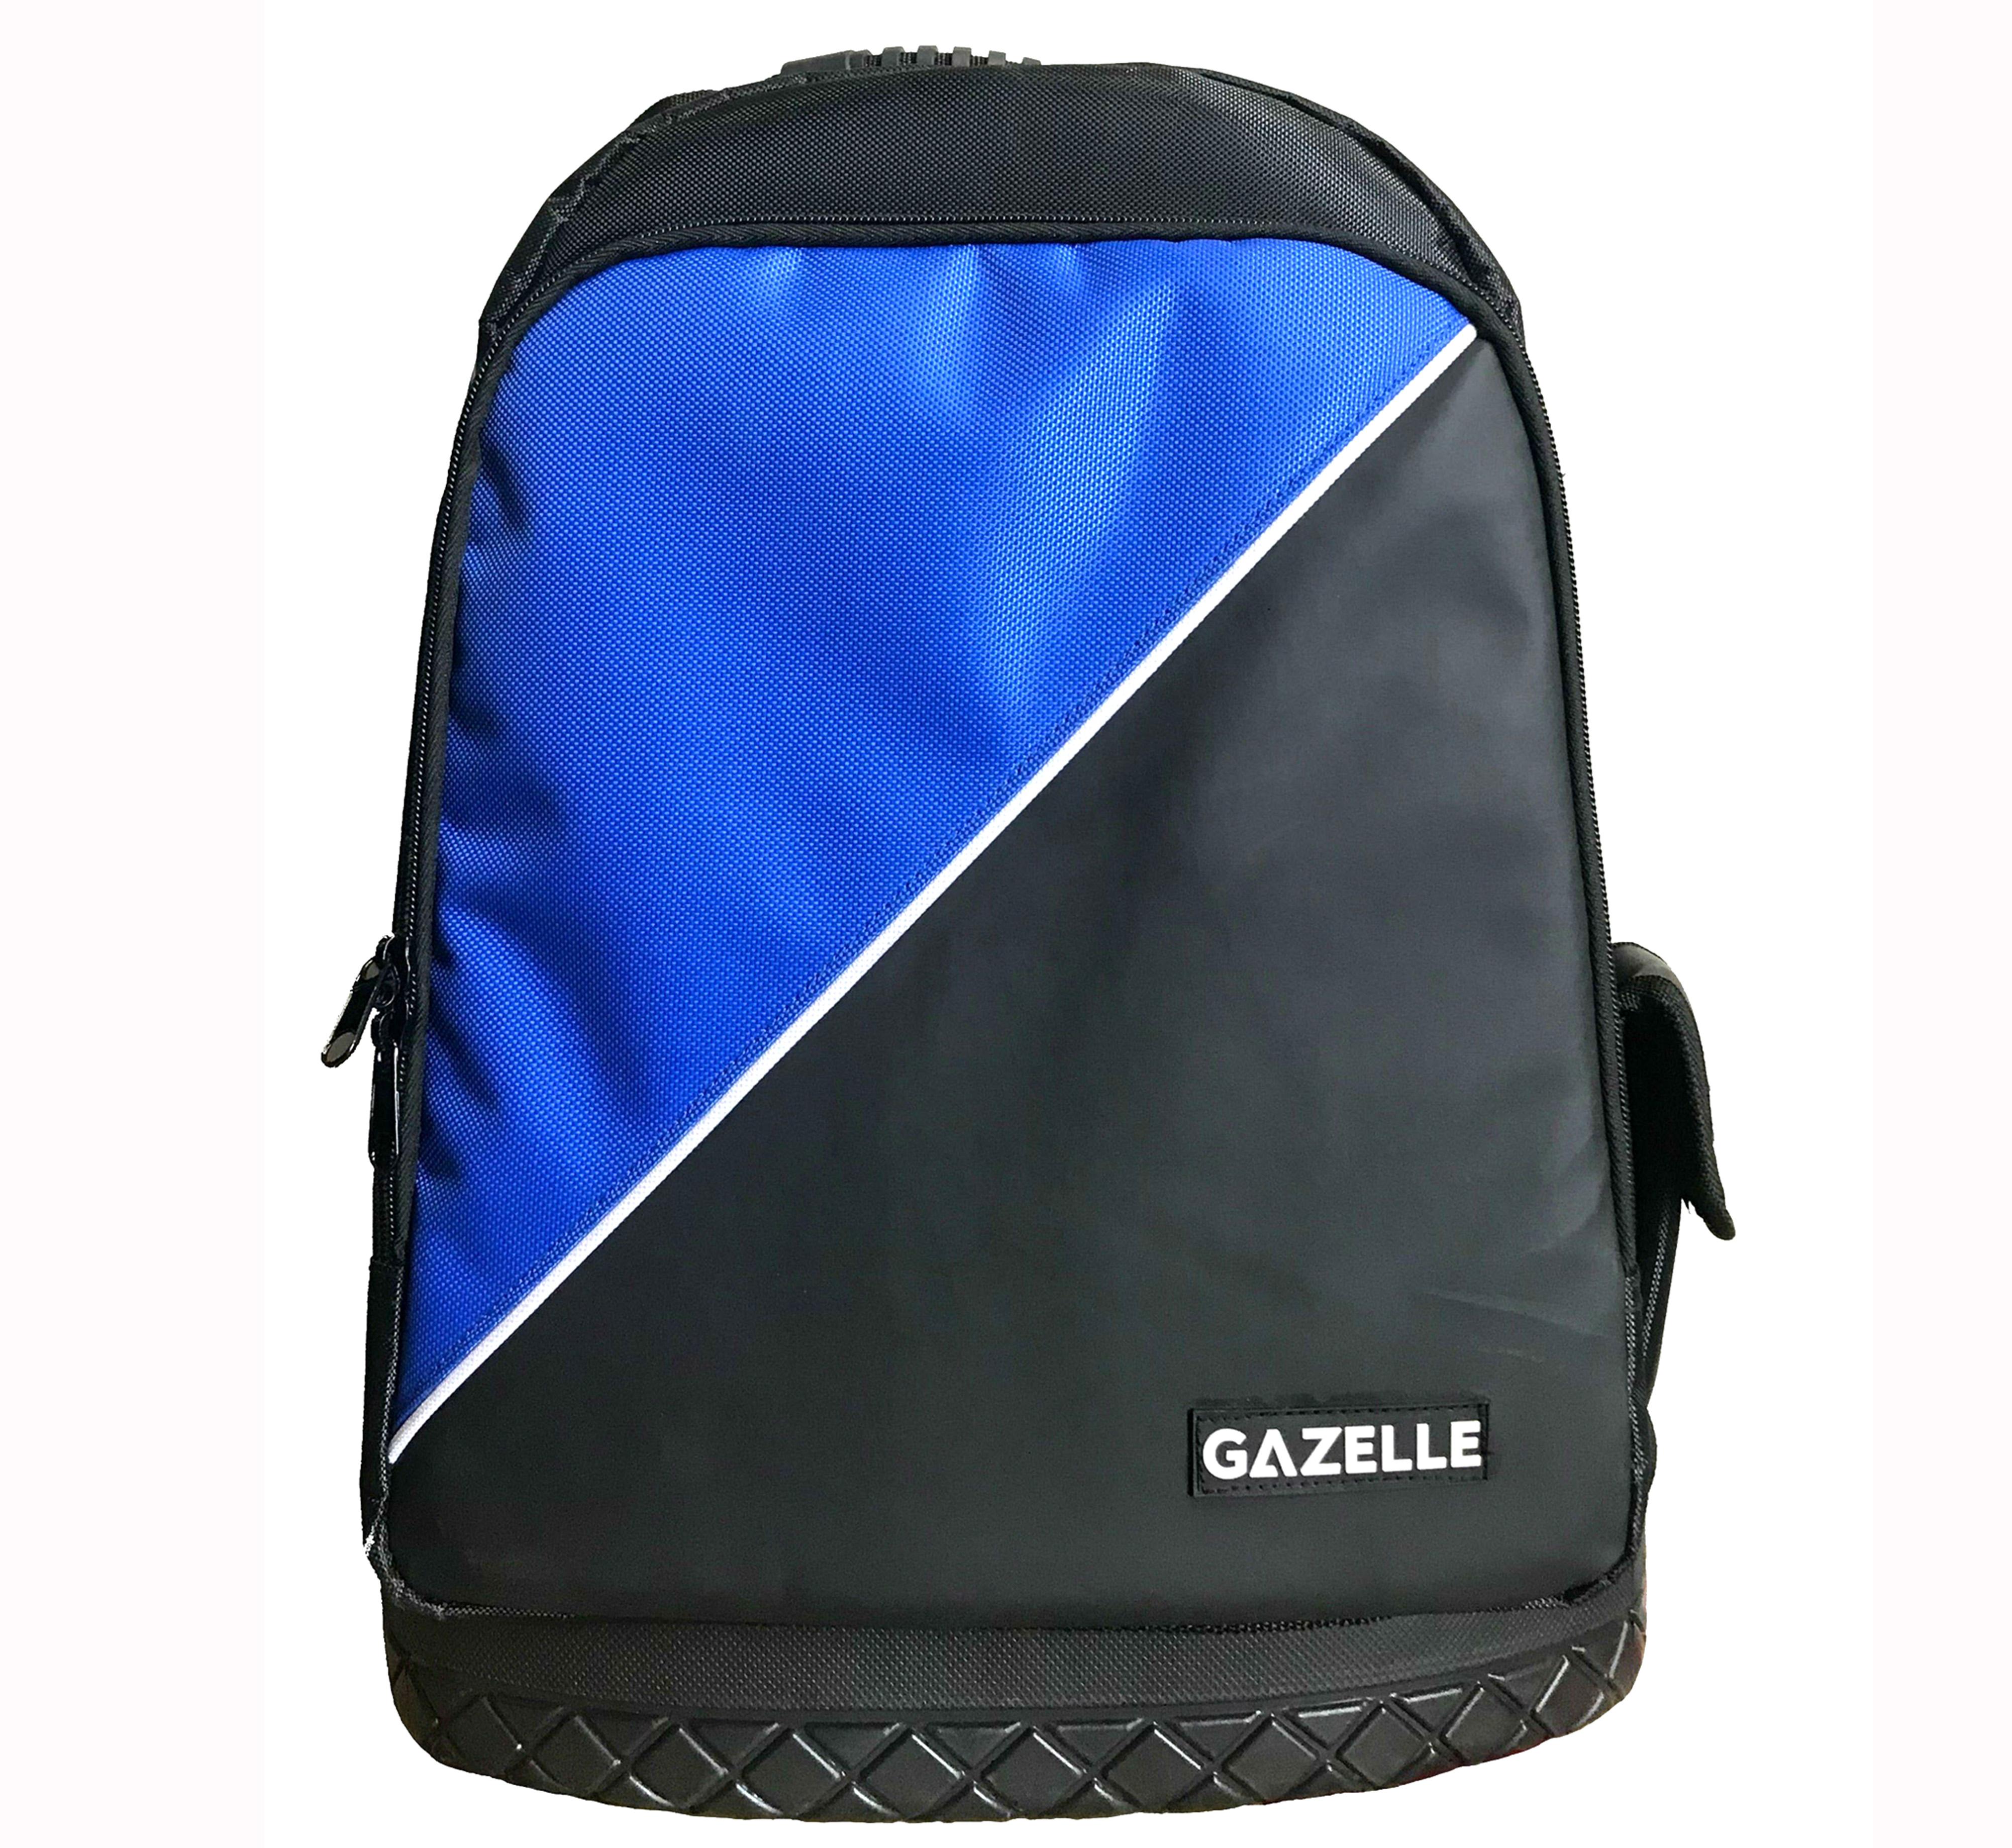 GAZELLE G8214 - 16In Technician Rucksack w/waterproof contoured base